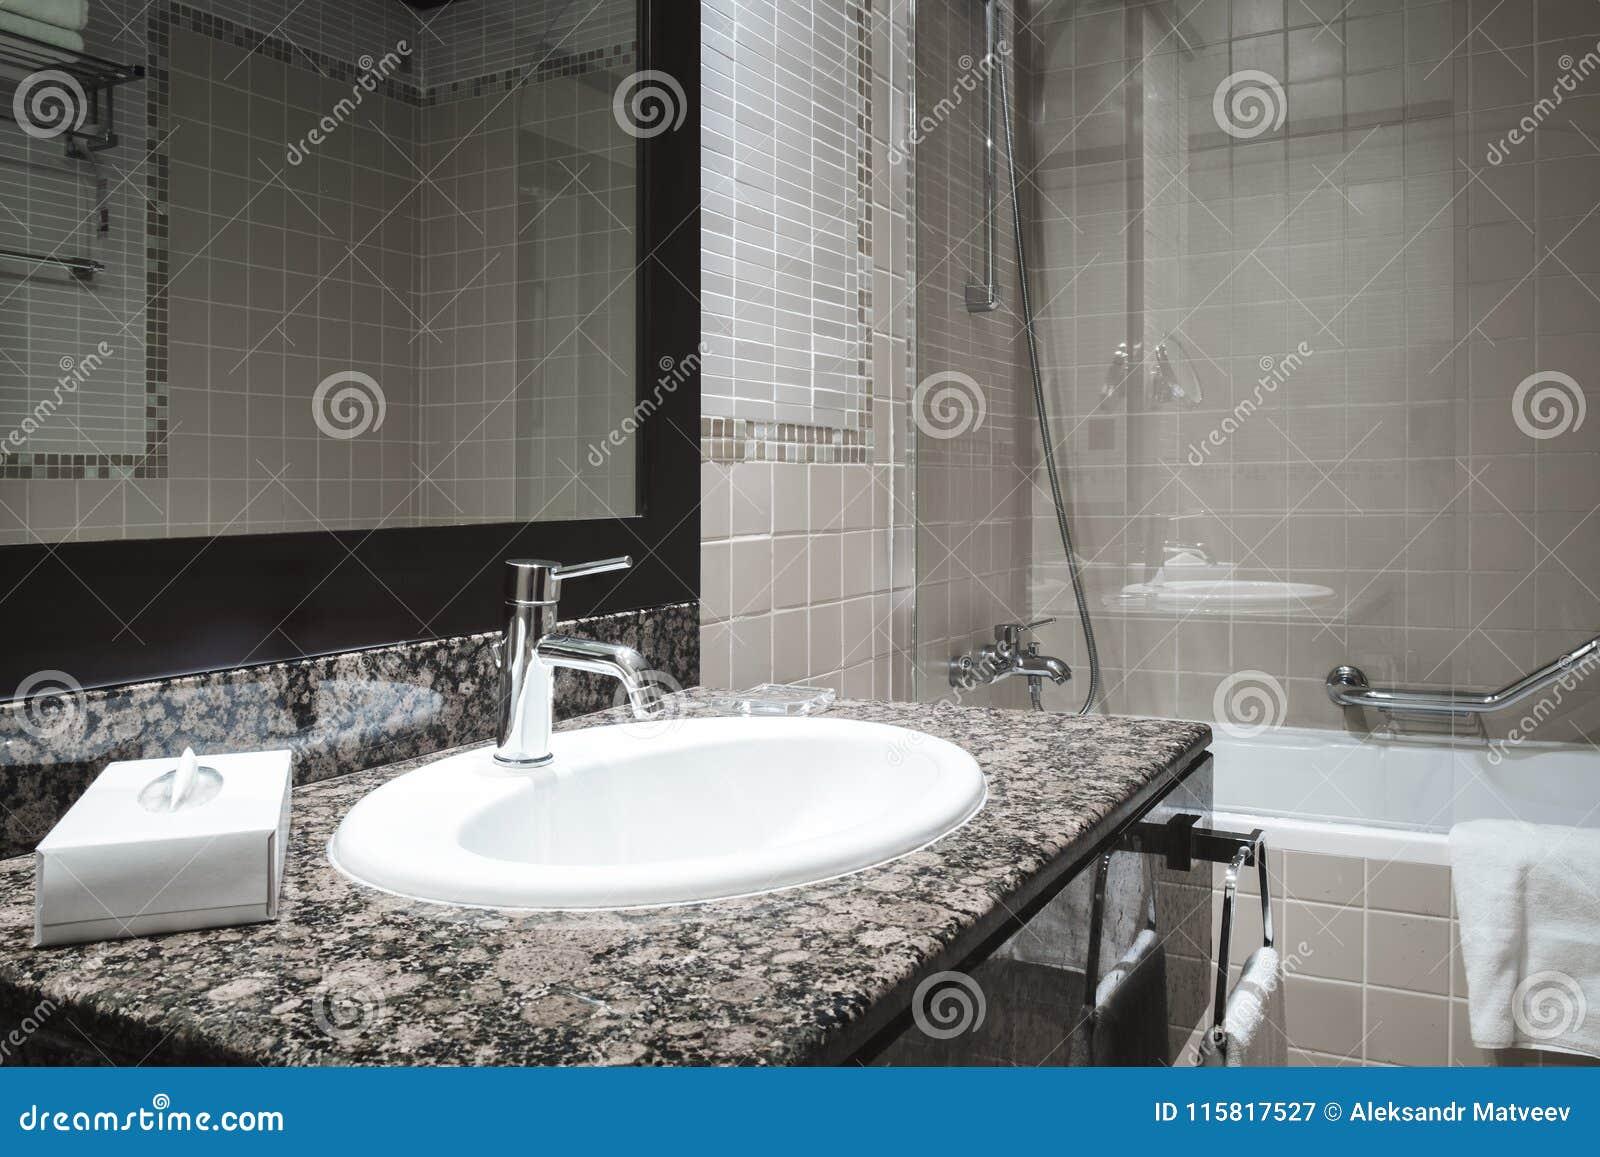 Classico di lusso del bagno con il rubinetto moderno di stile del lavandino bianco towes - Lavandino bagno moderno ...